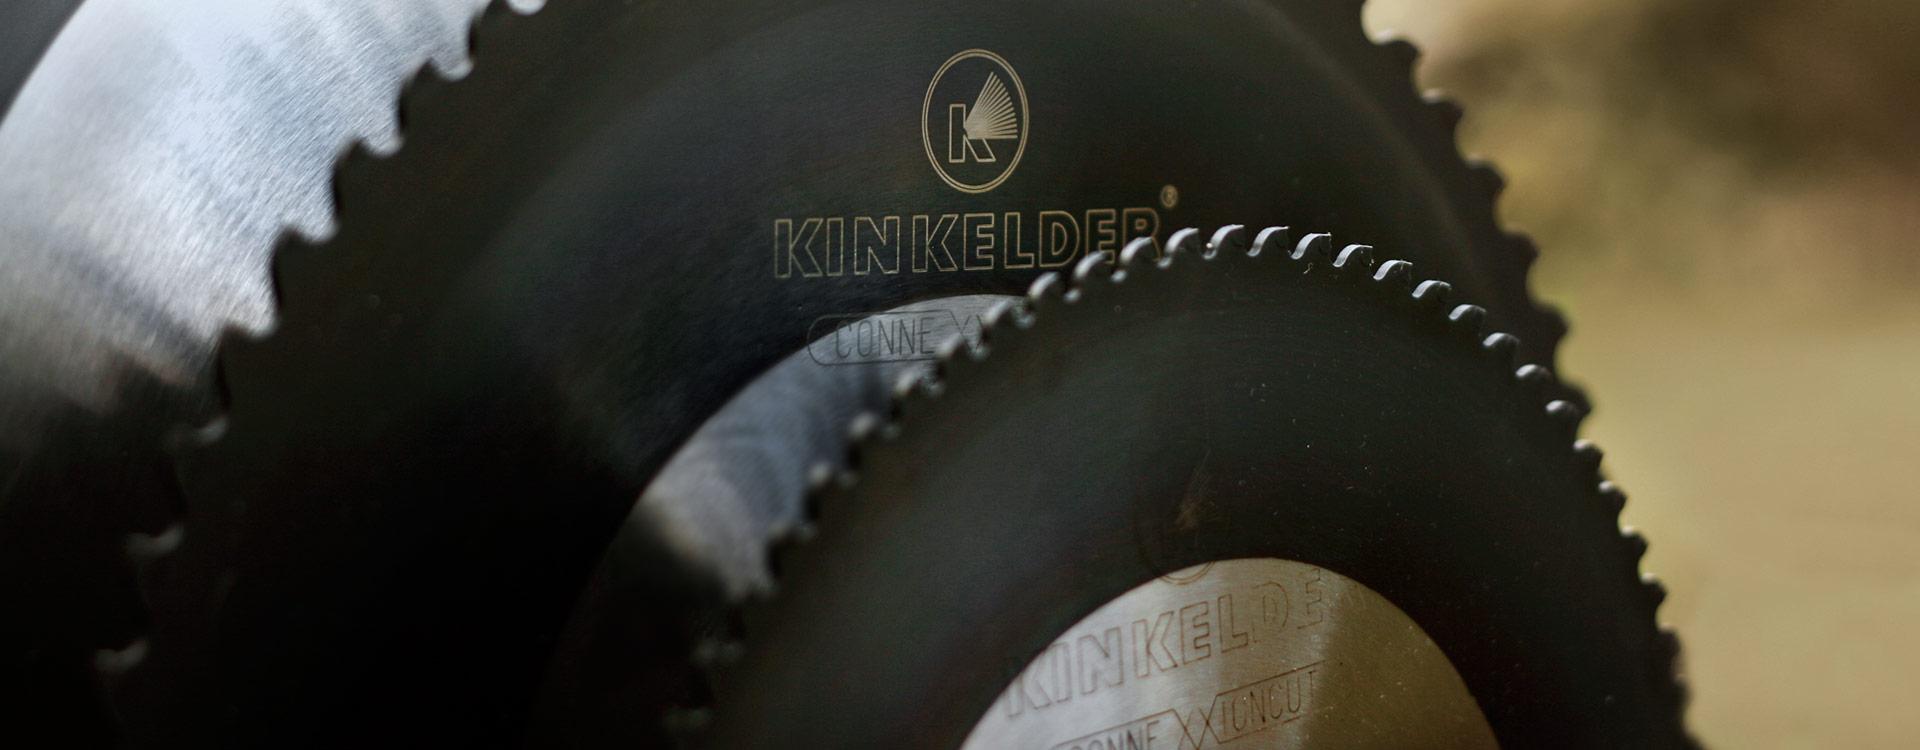 KINKELDER holland körfűrésztárcsák